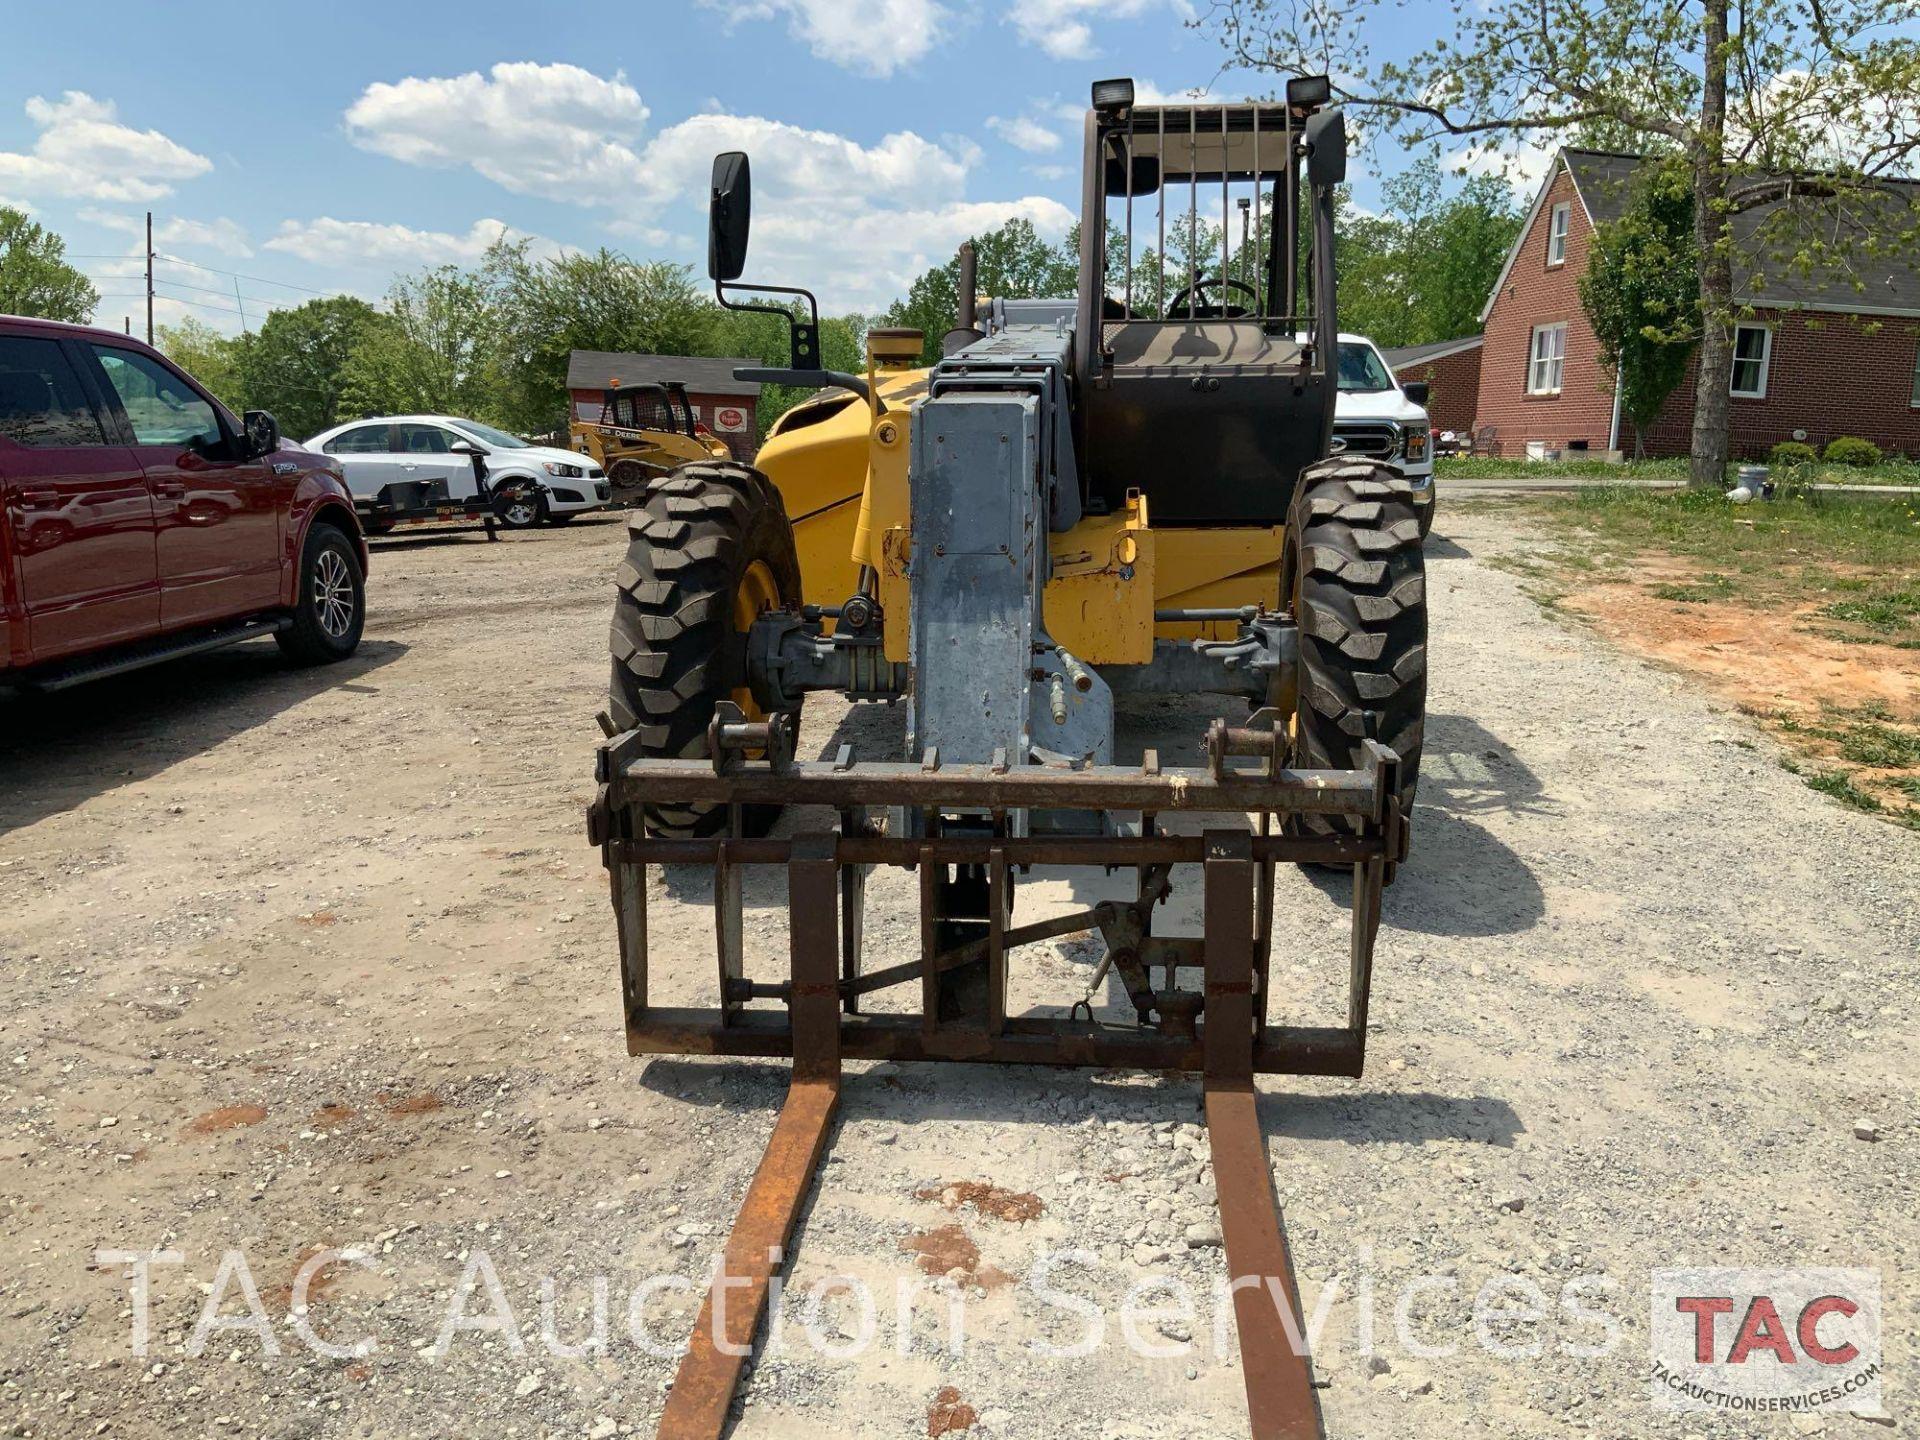 1999 New Holland LM840 Telehandler Forklift - Image 2 of 25